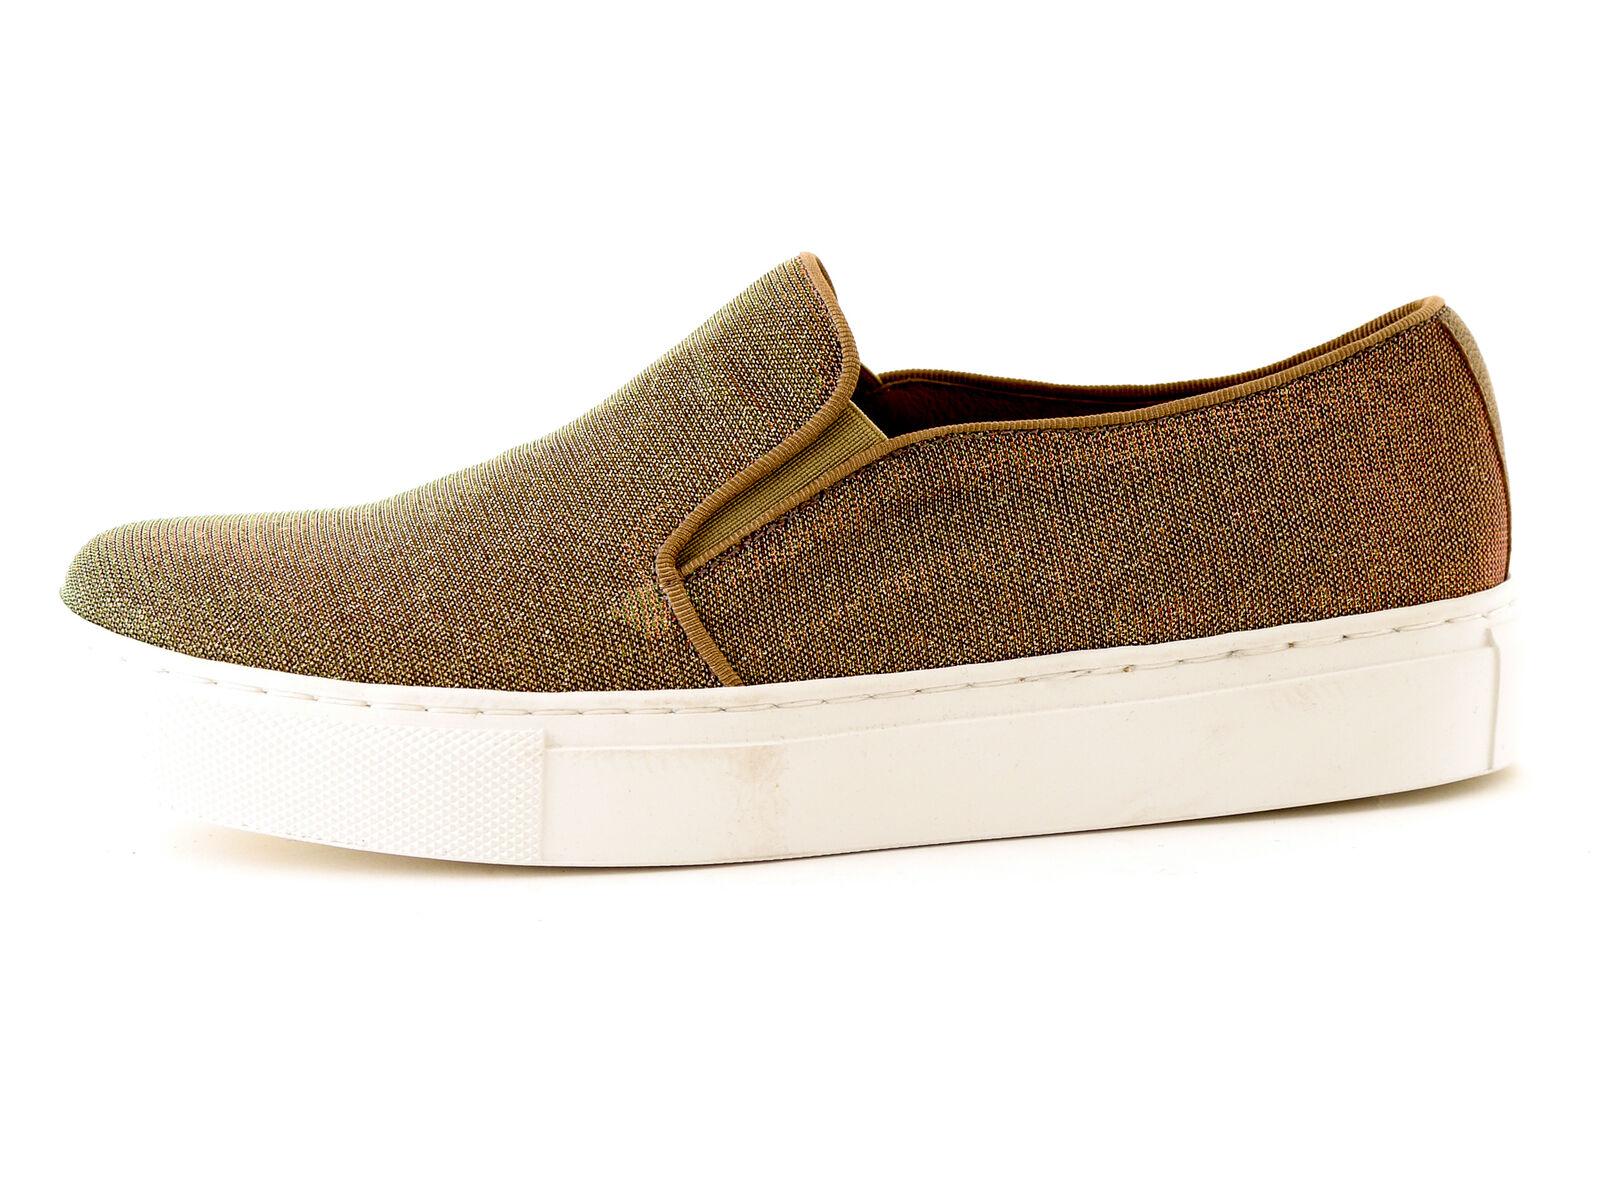 KMB Schuhe Slipper Slip On Notturno Gold Glitzer Textil Gummi Leder